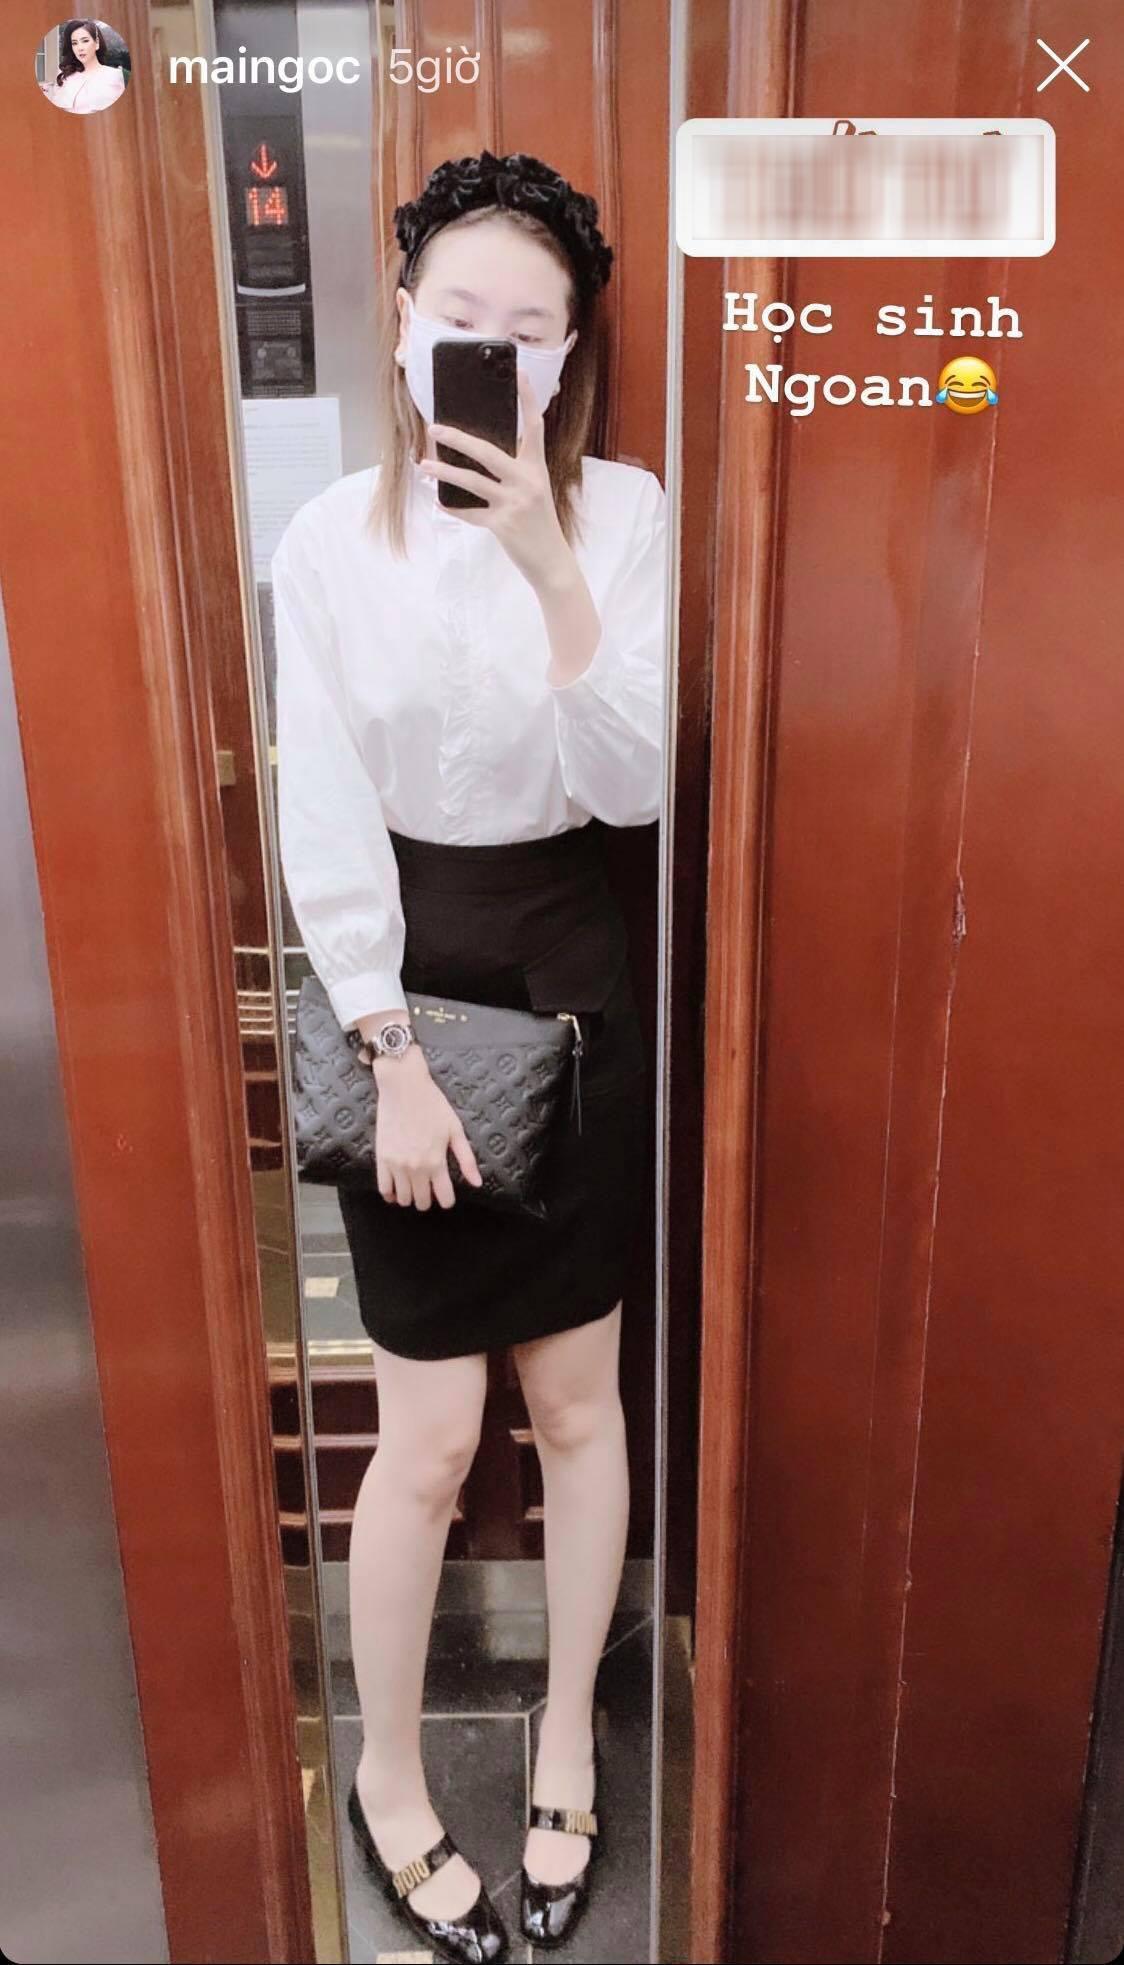 Mai Ngọc 'cosplay' học sinh, diện áo trắng váy đen nhưng lại chưng phụ kiện hàng hiệu đắt giá đủ khiến chị em trầm trồ Ảnh 4